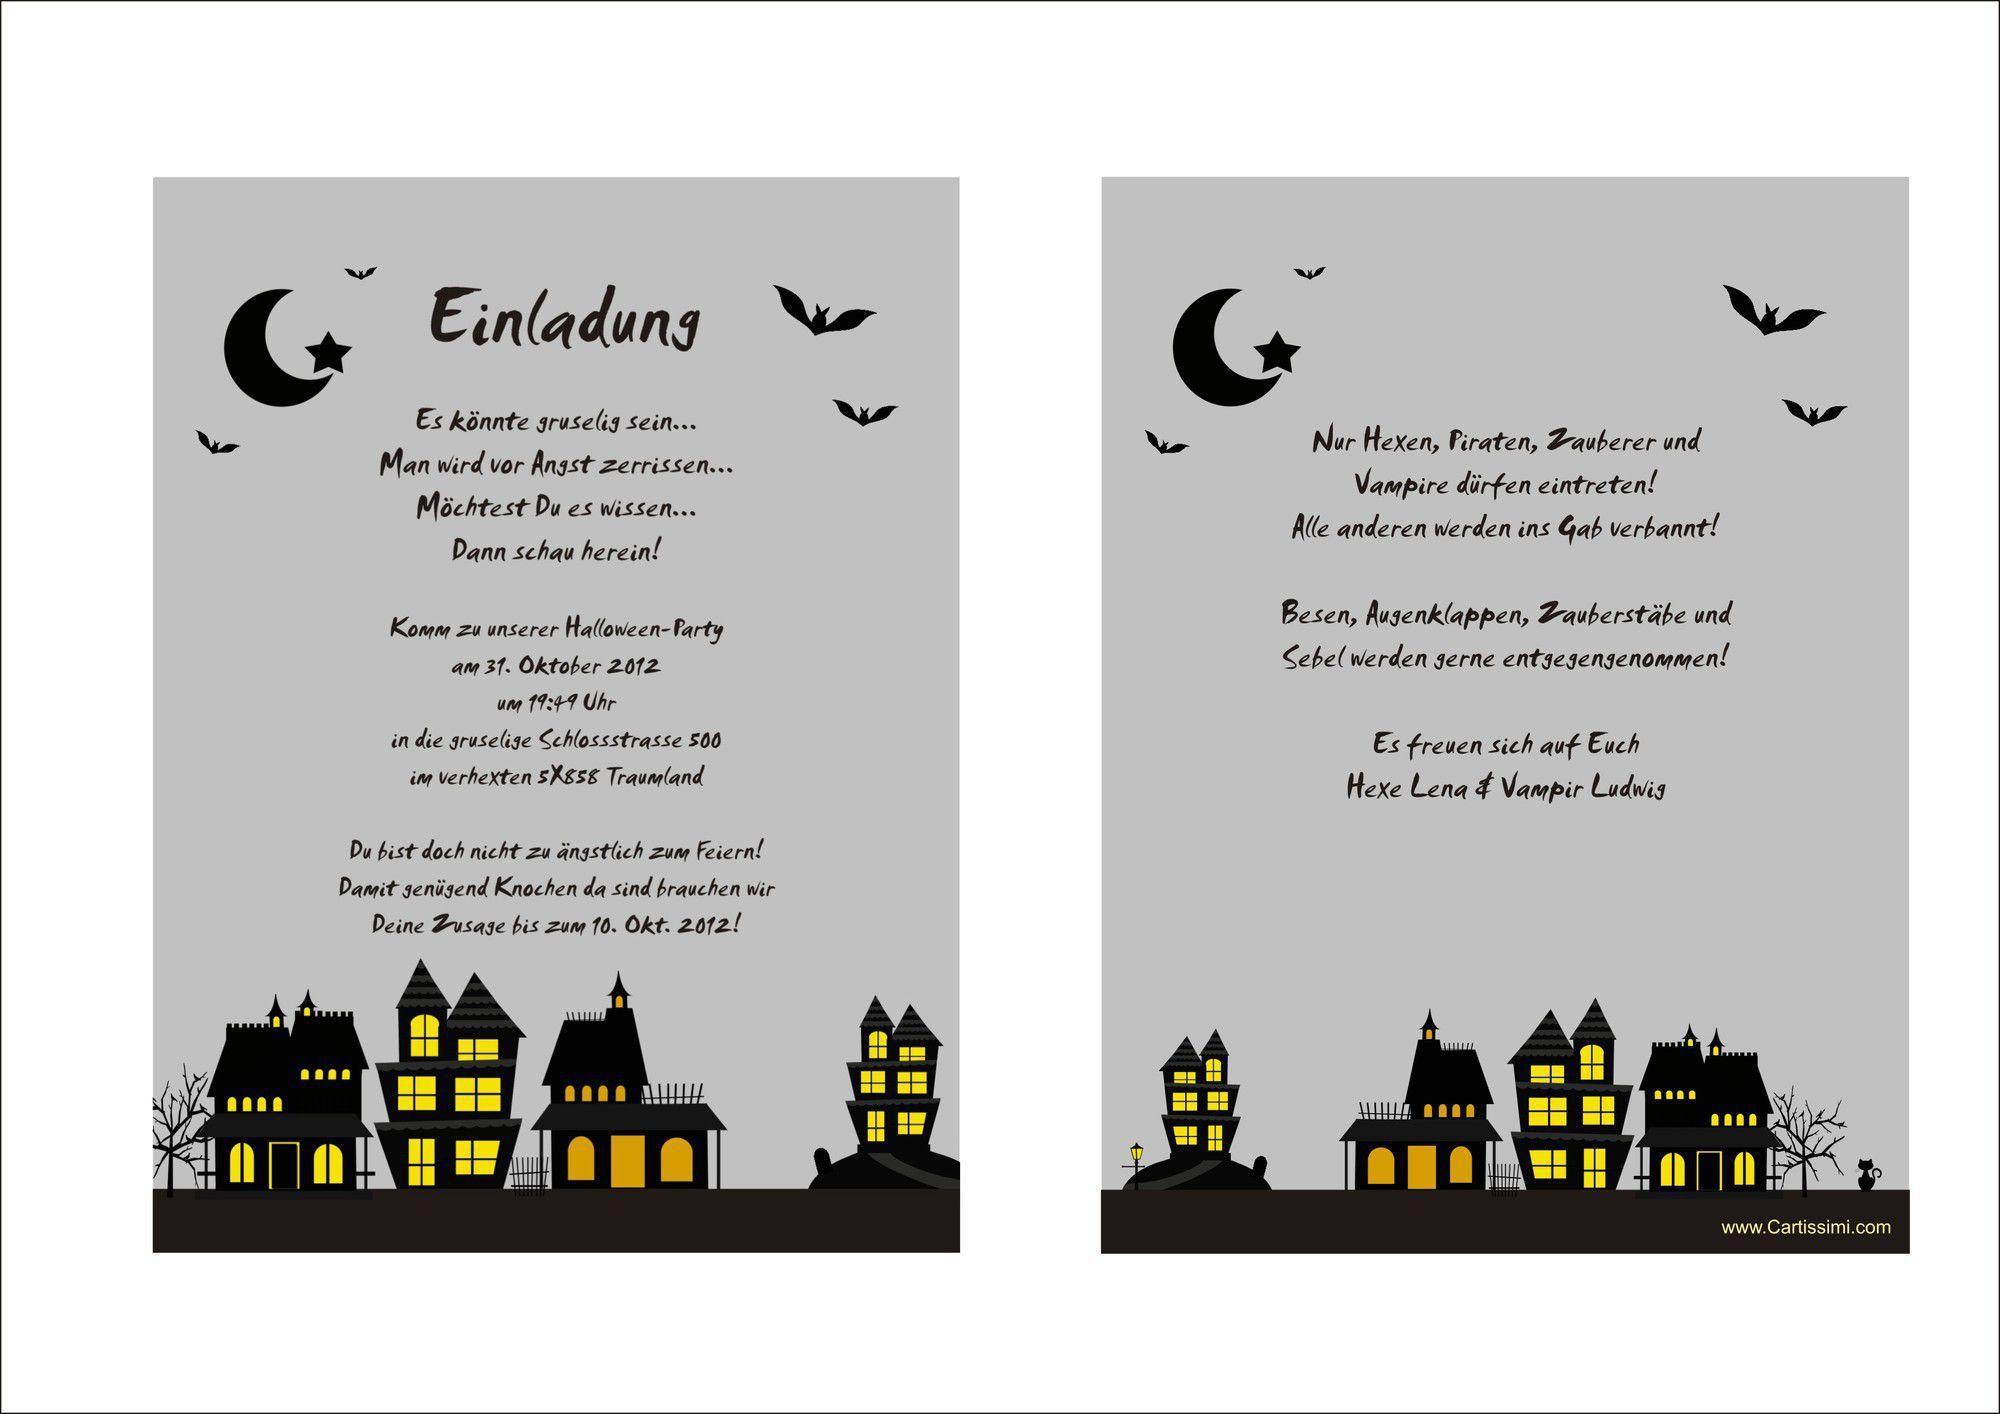 Geburtstag Einladungskarte Einladungskarten Geburtstag Basteln Geburtstag Einladungskarte